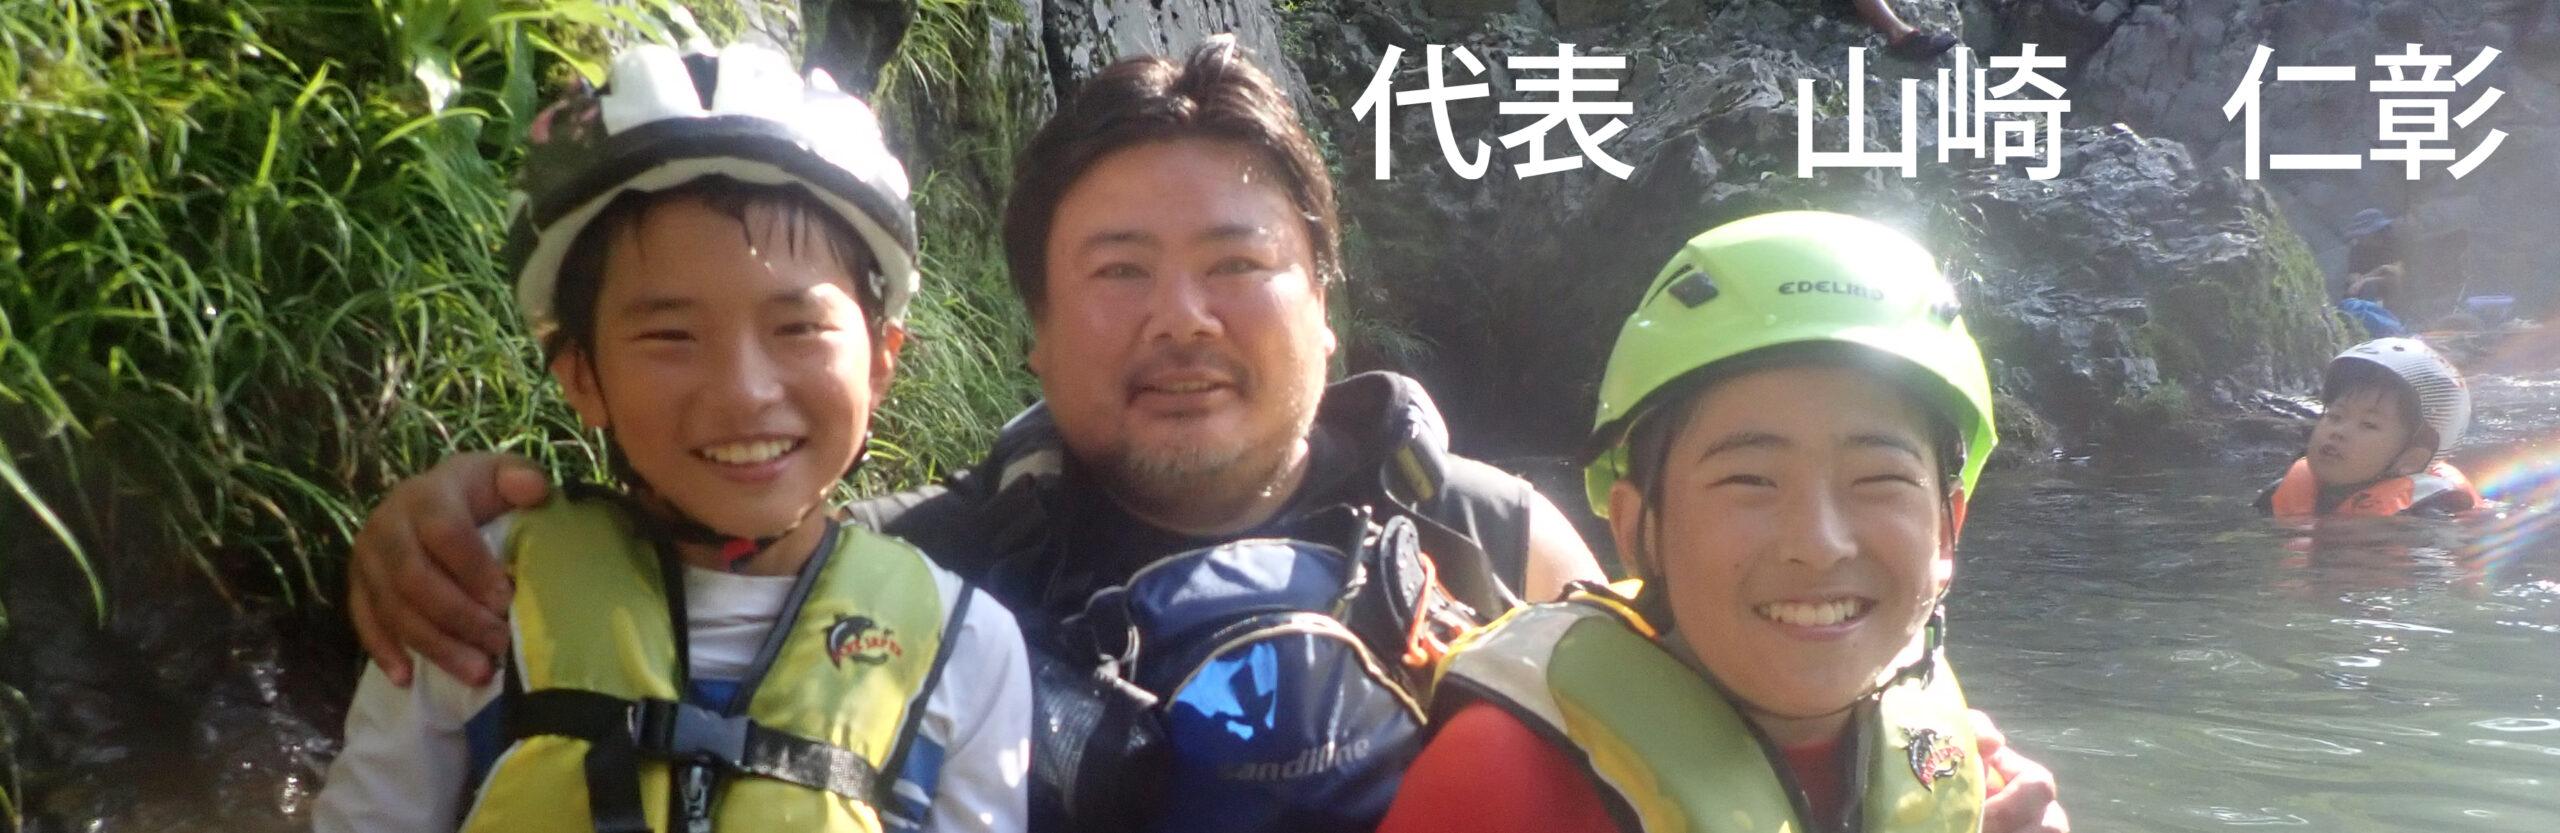 代表山崎仁彰